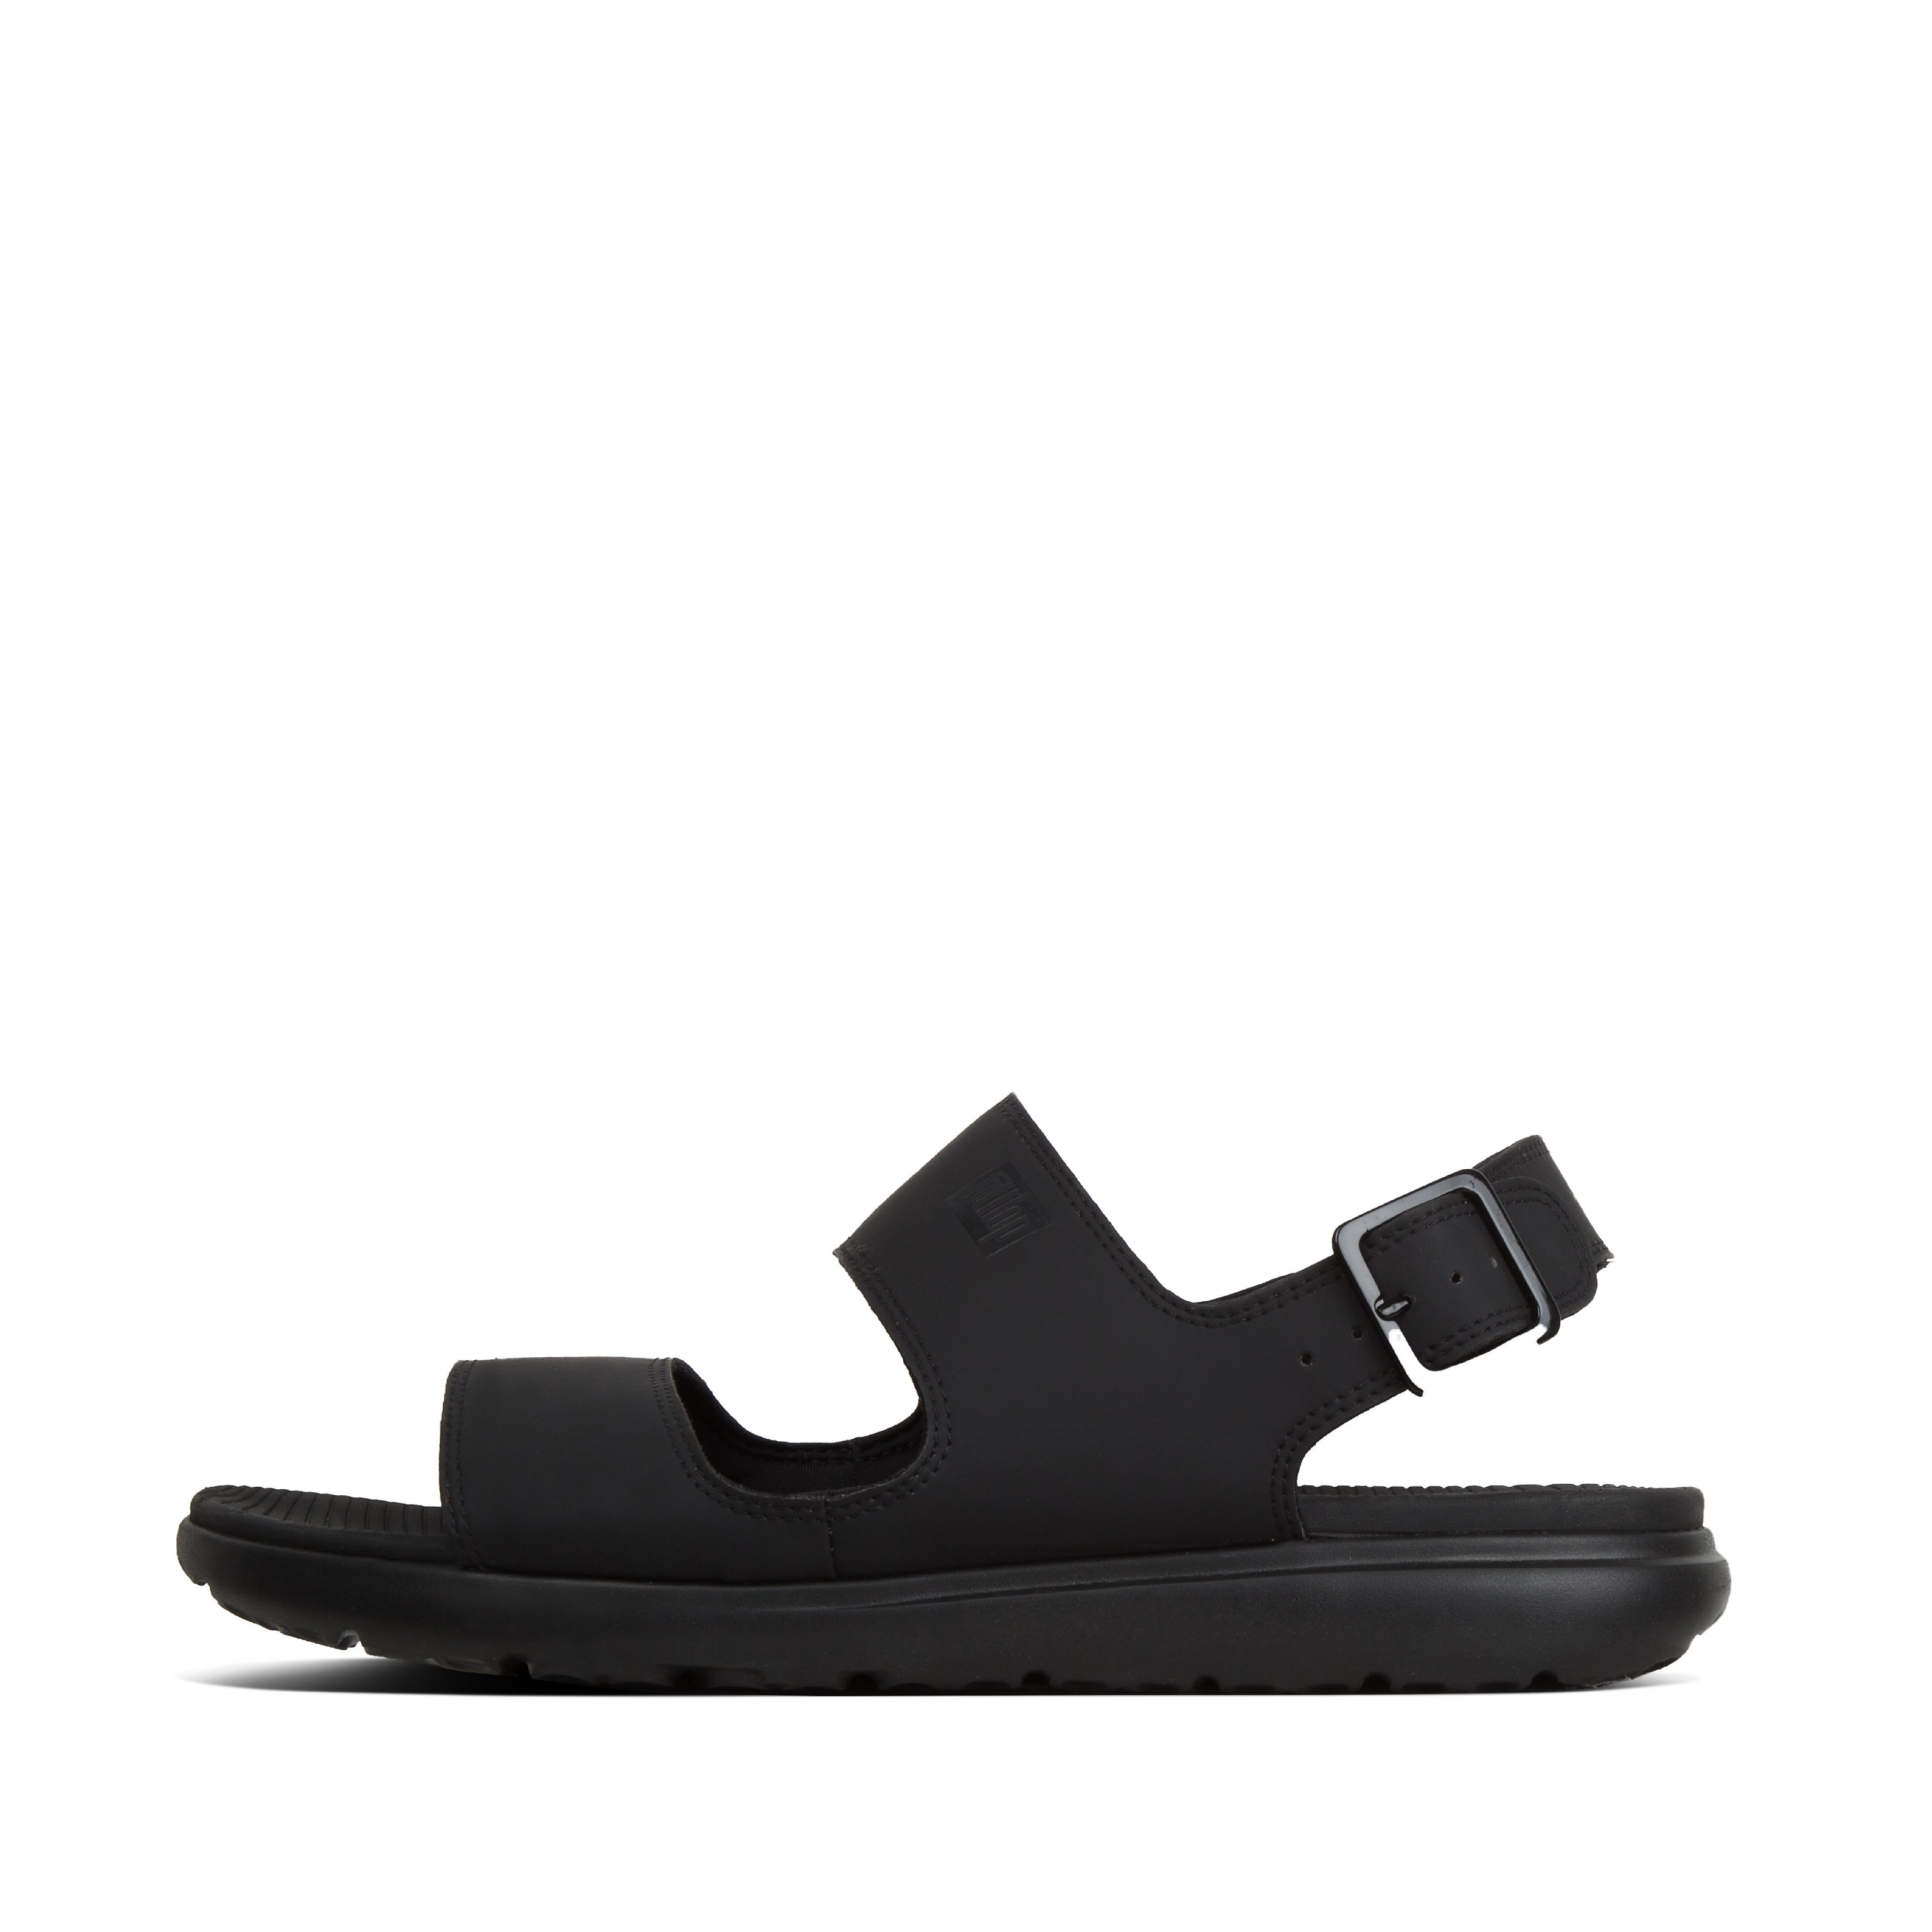 핏플랍 LIDO-II 샌들 Mens Neoprene Back-Strap-Sandals,Black